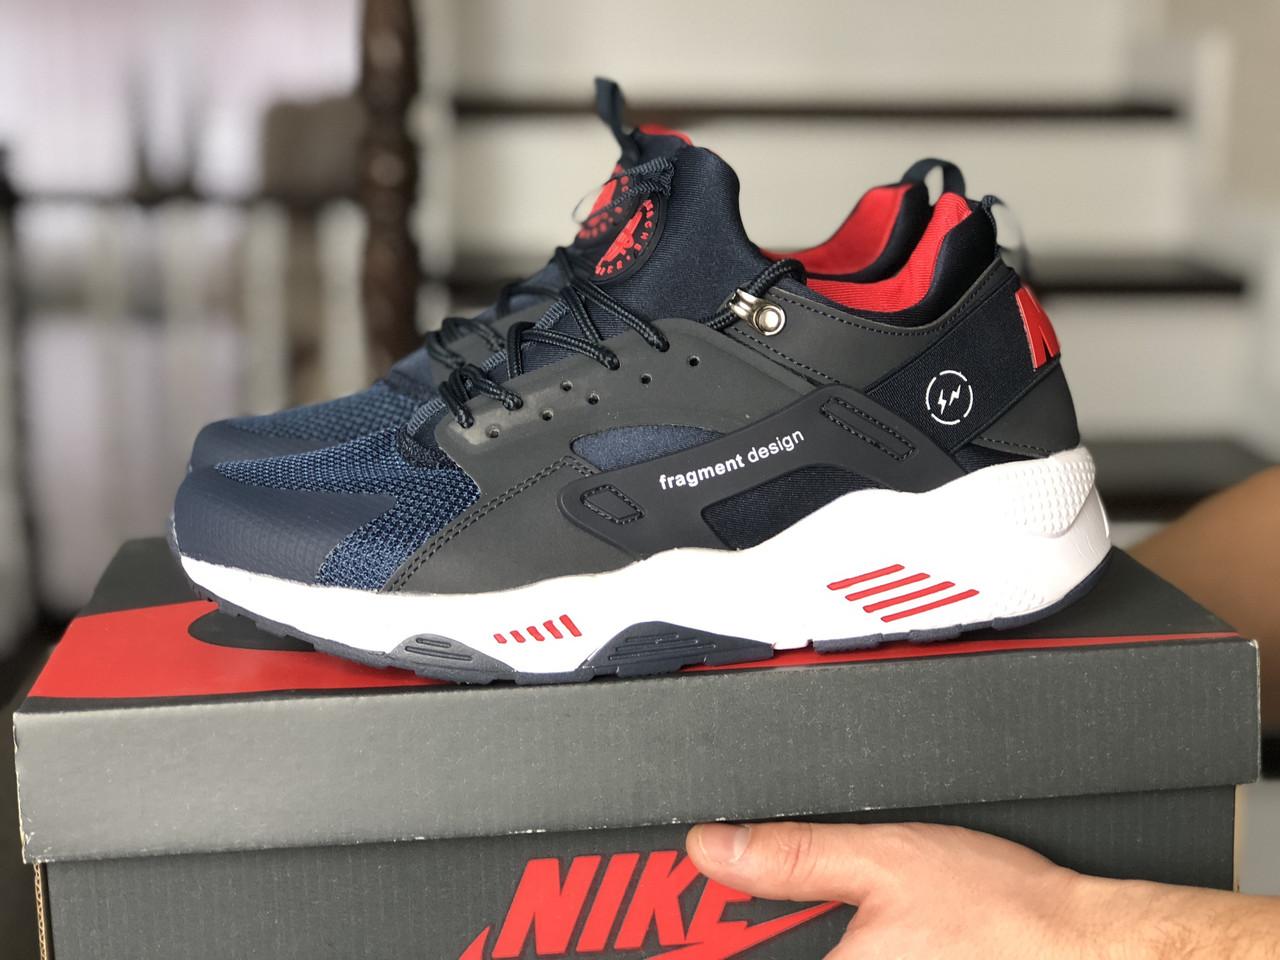 Мужские кроссовки (в стиле) Nike Air Huarache Fragment Design,темно синие с белым